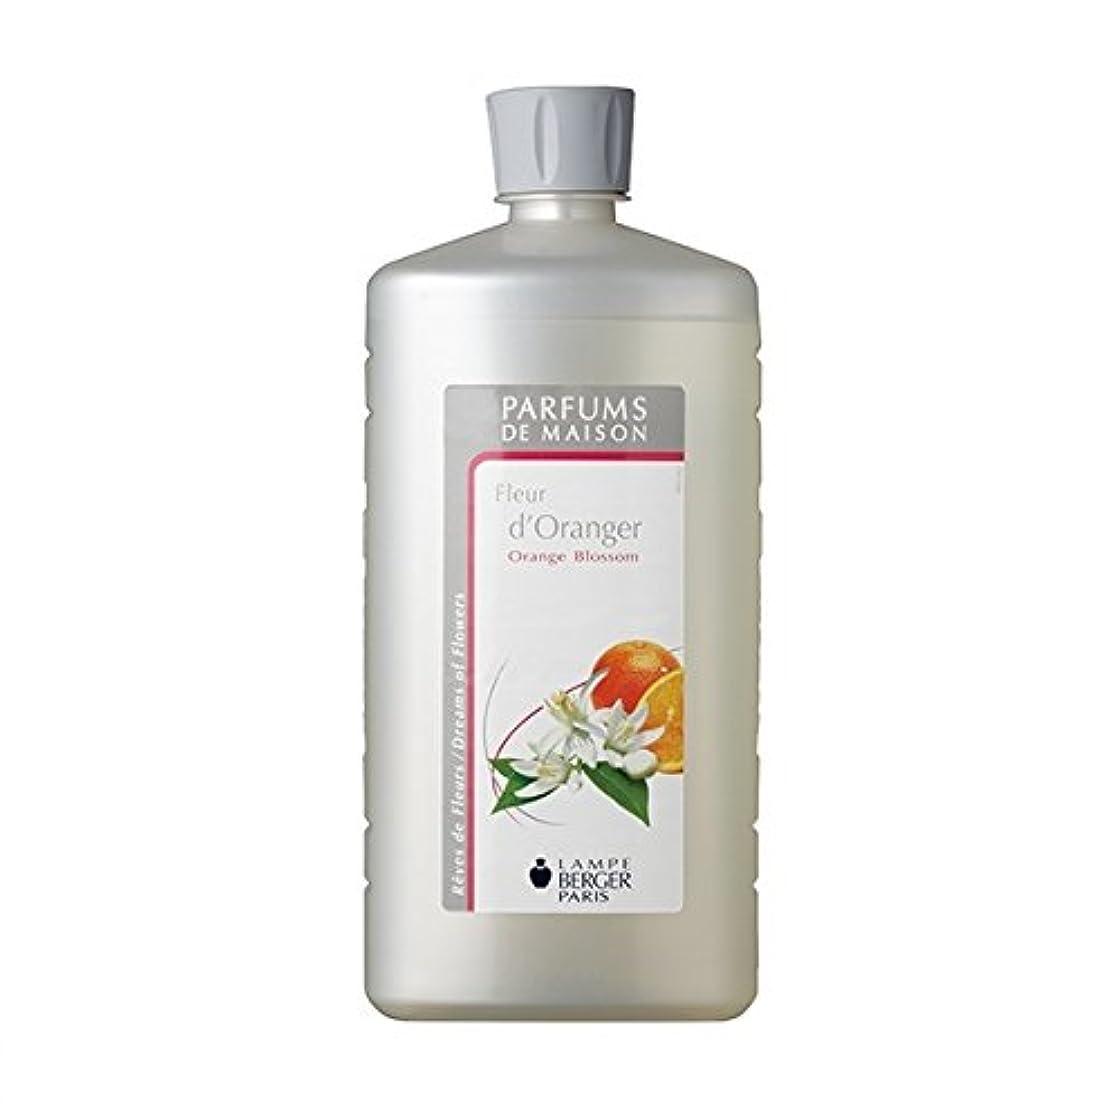 デジタルフィドル悪のランプベルジェオイル(オレンジブロッサム)Fleur d'oranger / Orange Blossom